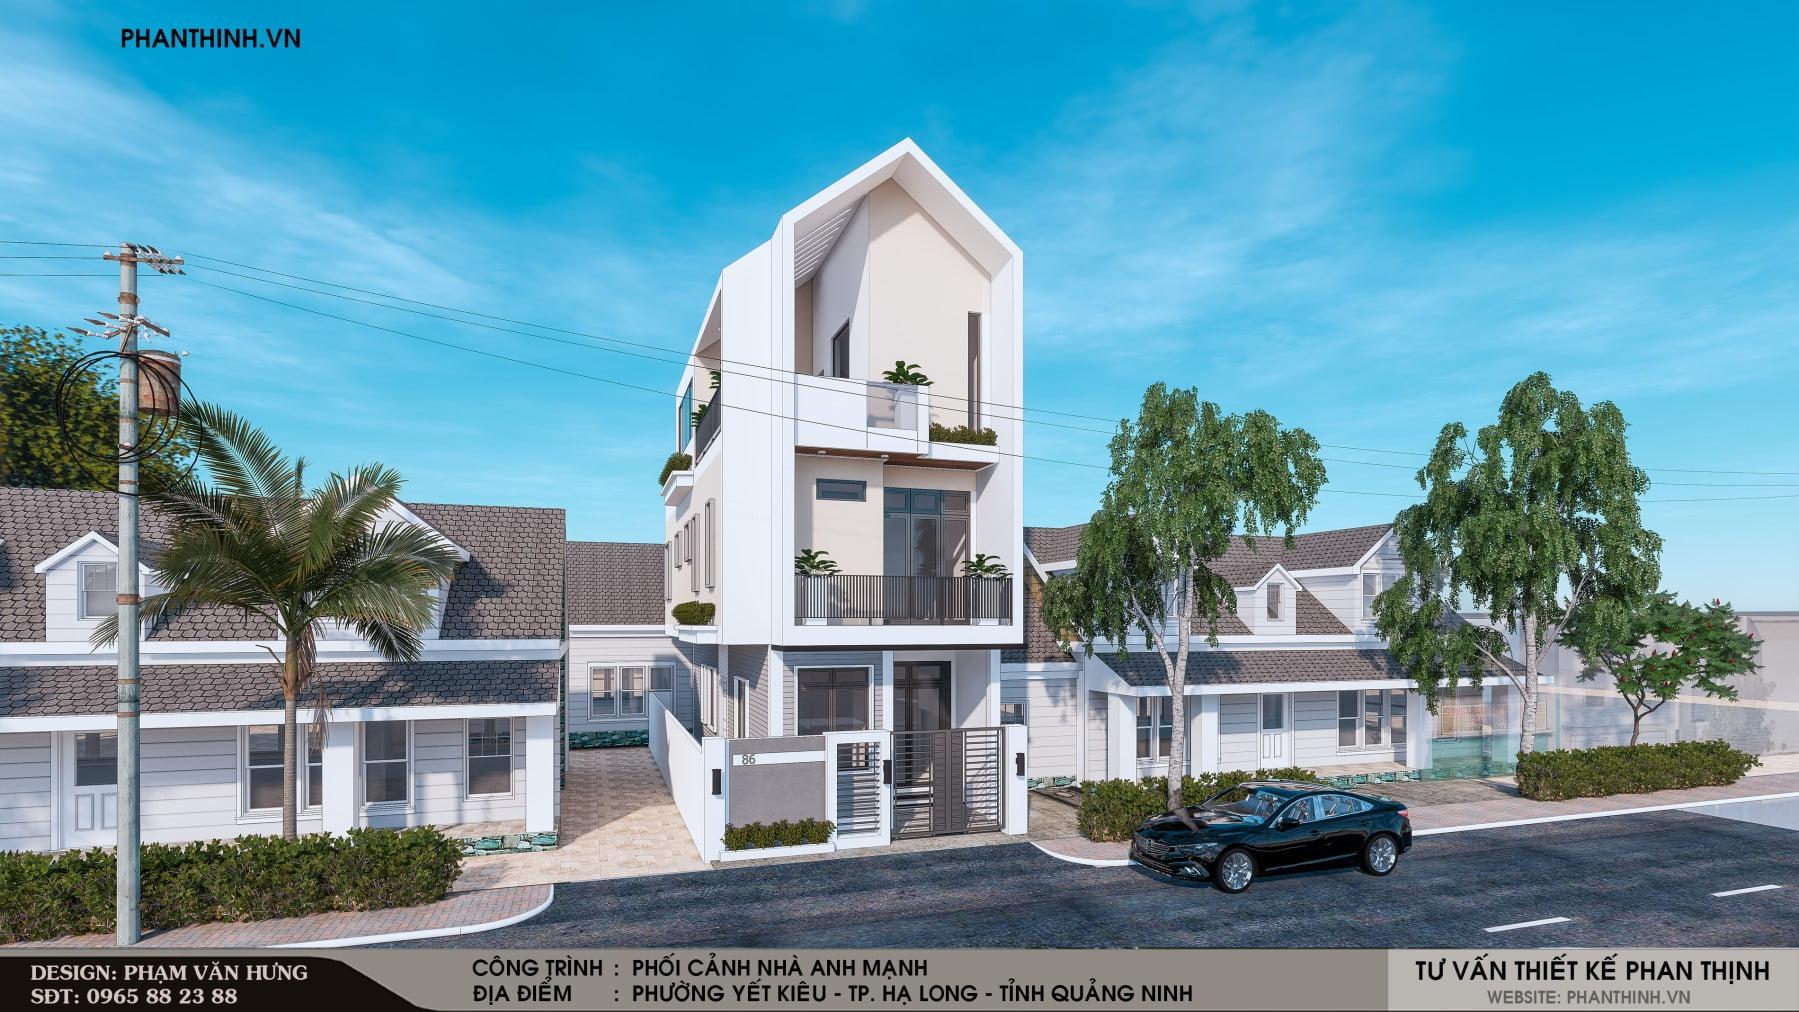 Thiết kế phối cảnh nhà phố 3 tầng 2 mặt tiền tại Quảng Ninh